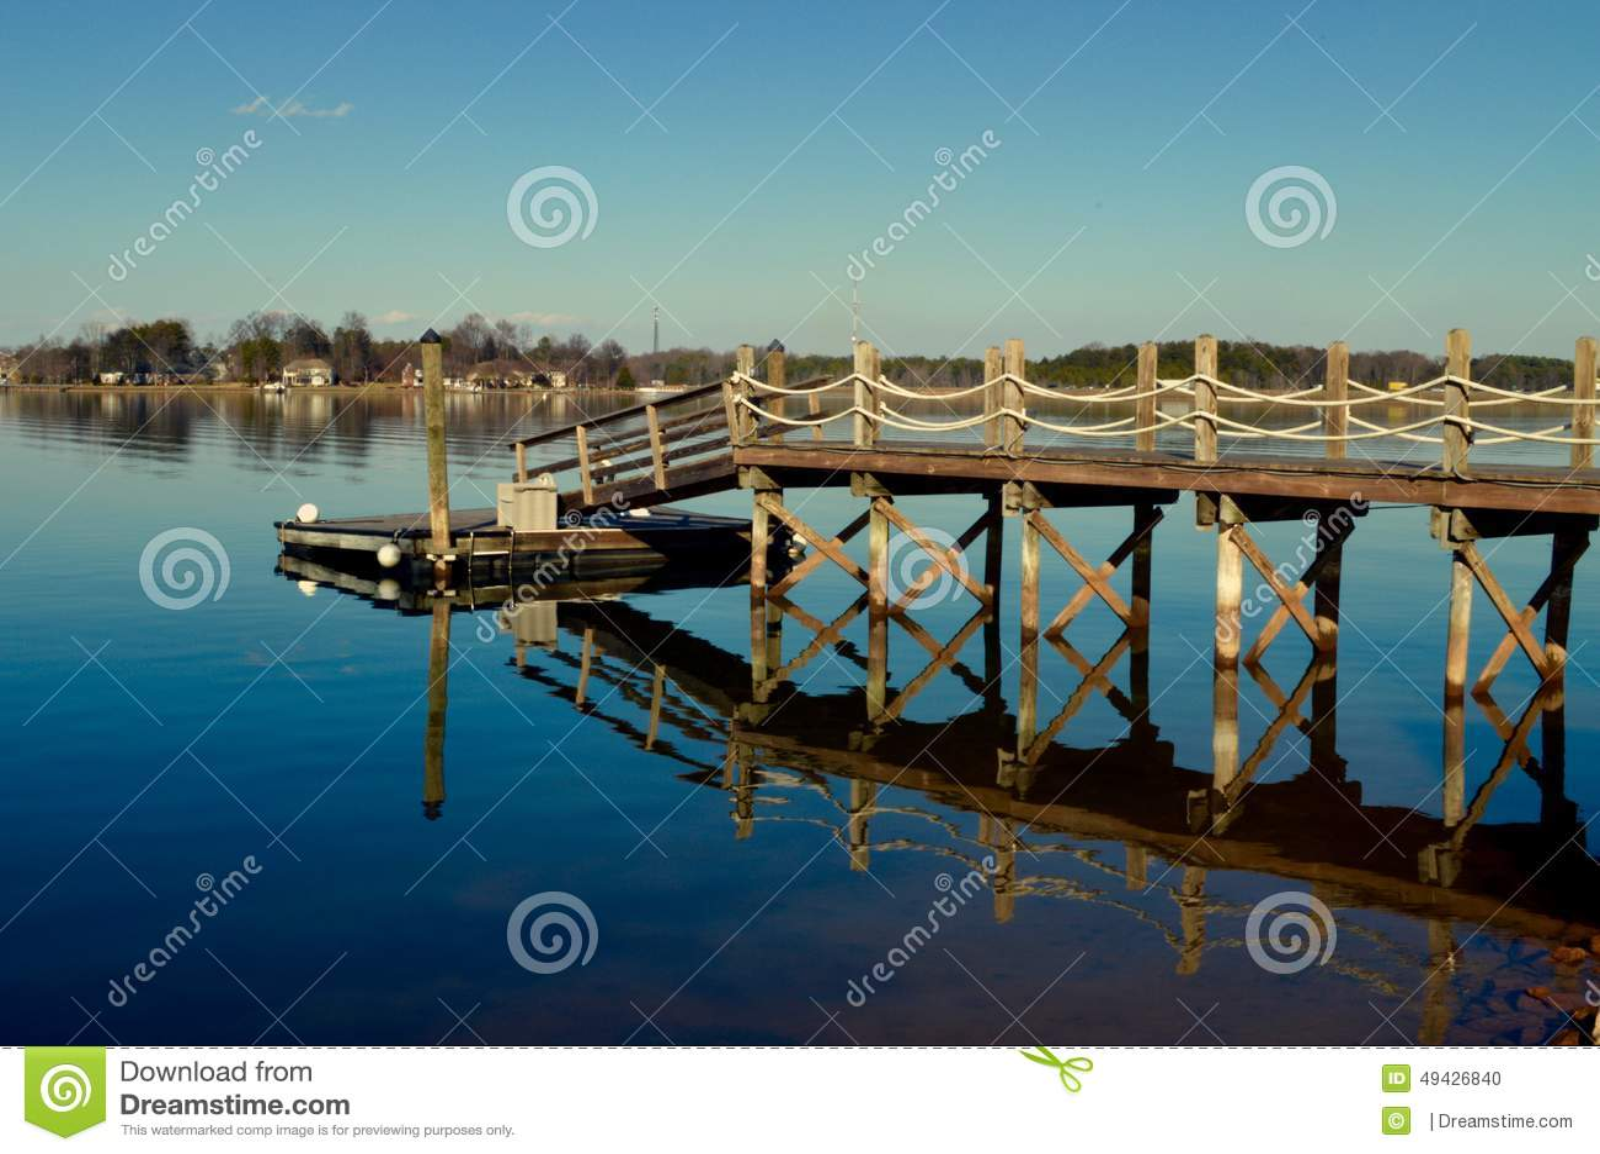 Lake House Dock Stock Photo - Image: 49426840